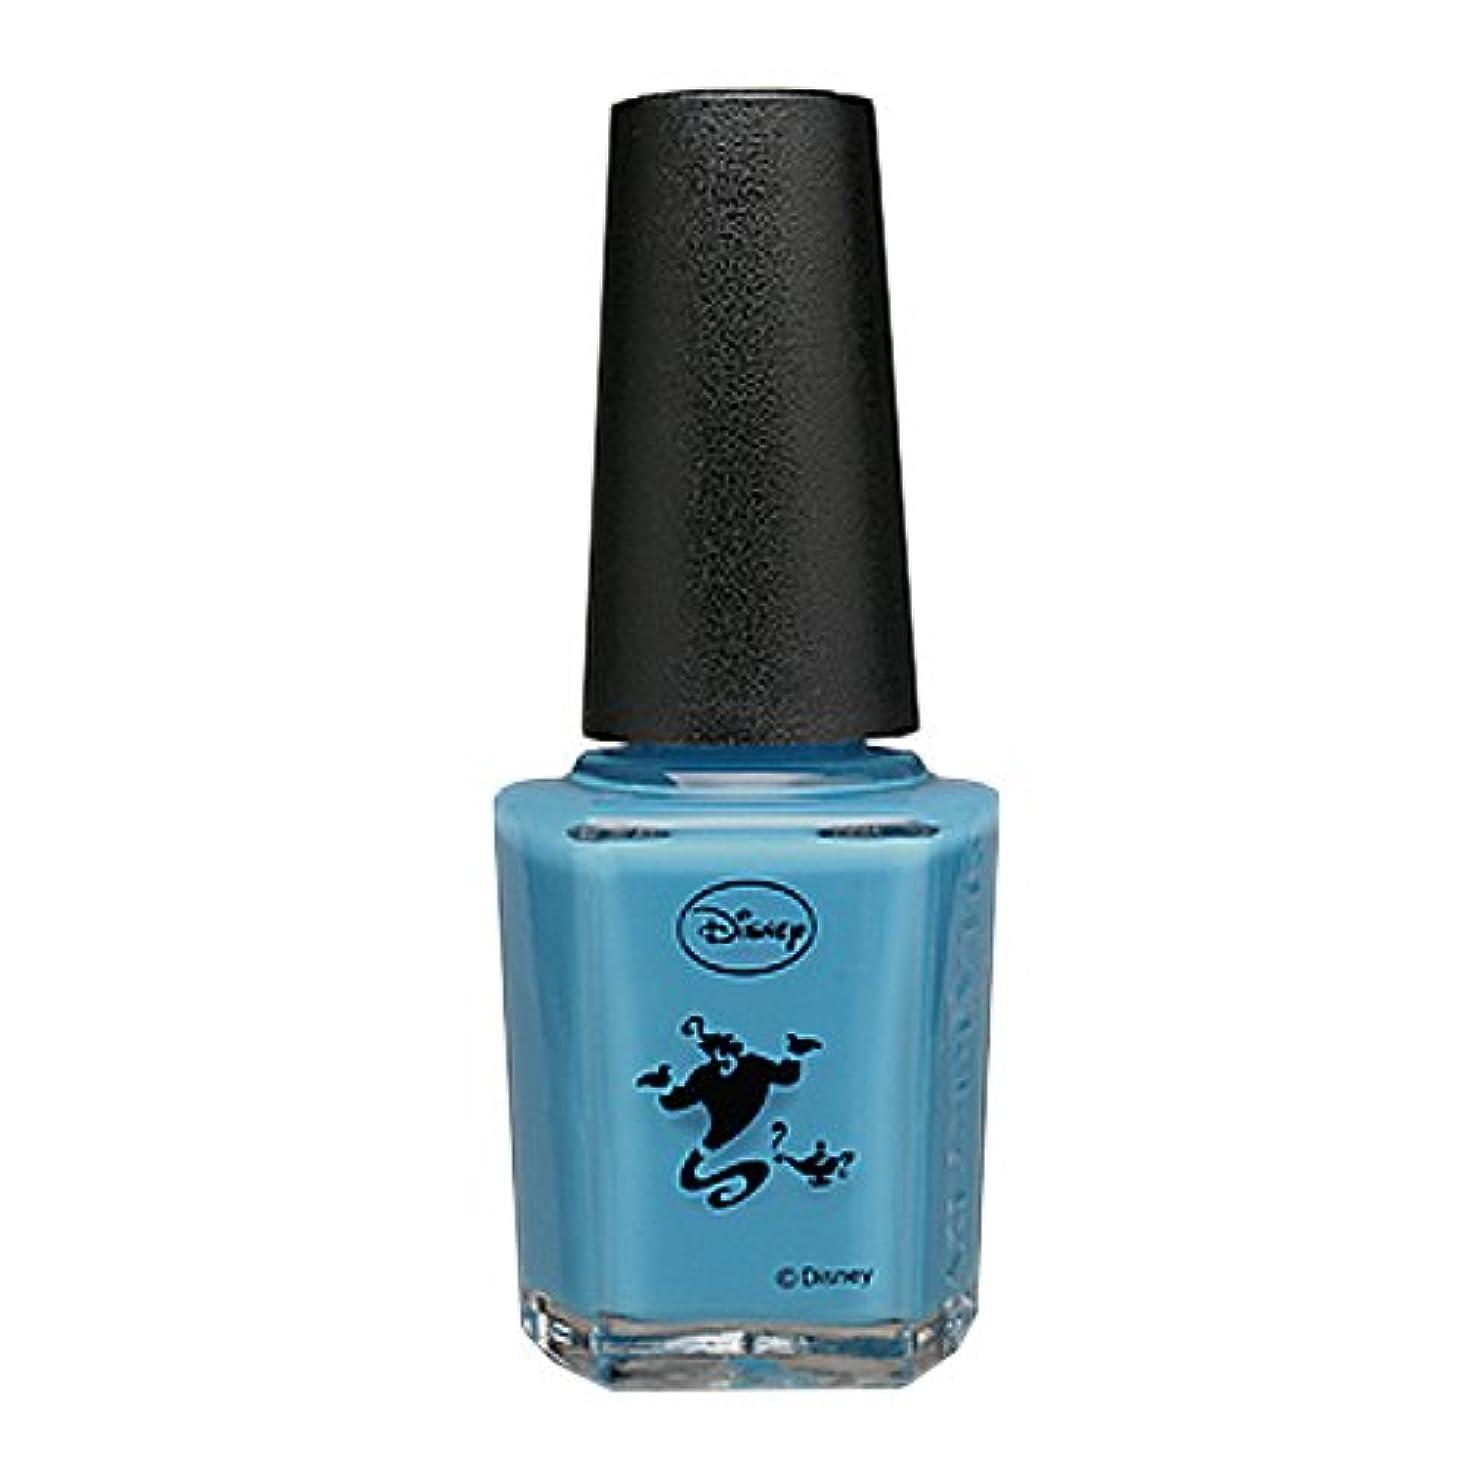 絶縁するアラブ人問い合わせSHAREYDVA カラー No.90 エキゾチックブルー 15ml